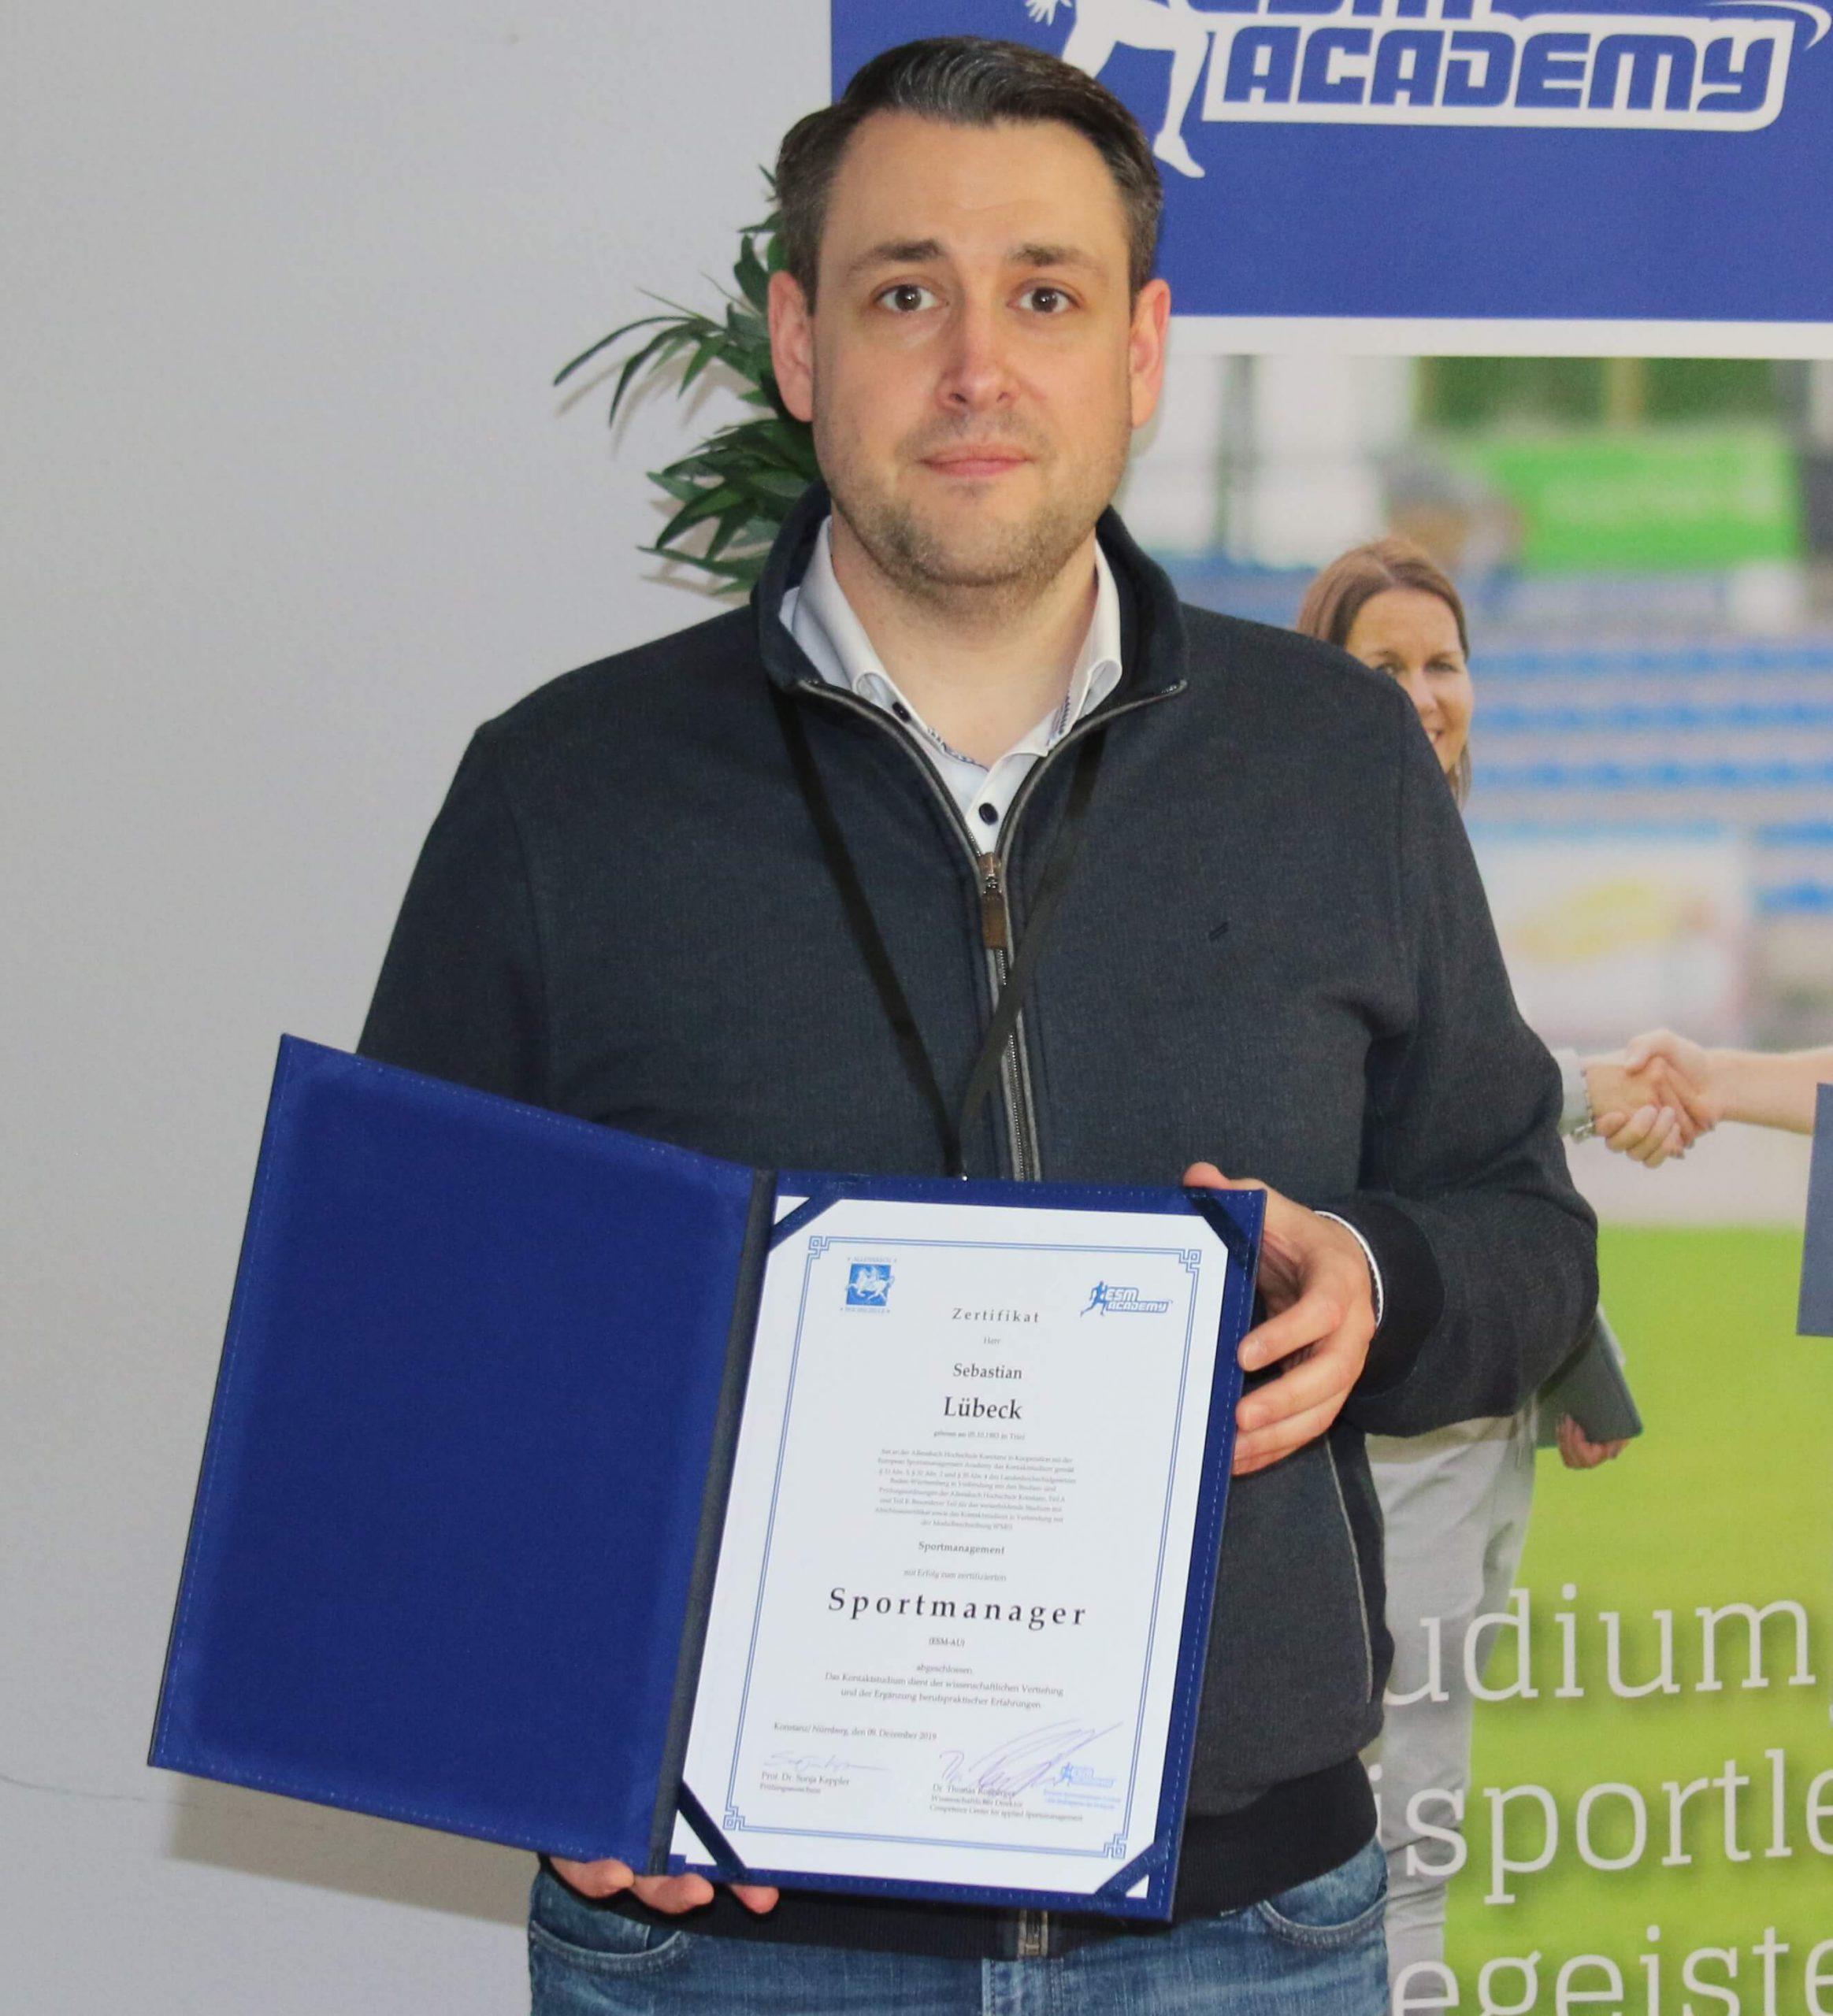 Sebastian Lübeck von den White Wings Hanau ist Sportmanager.